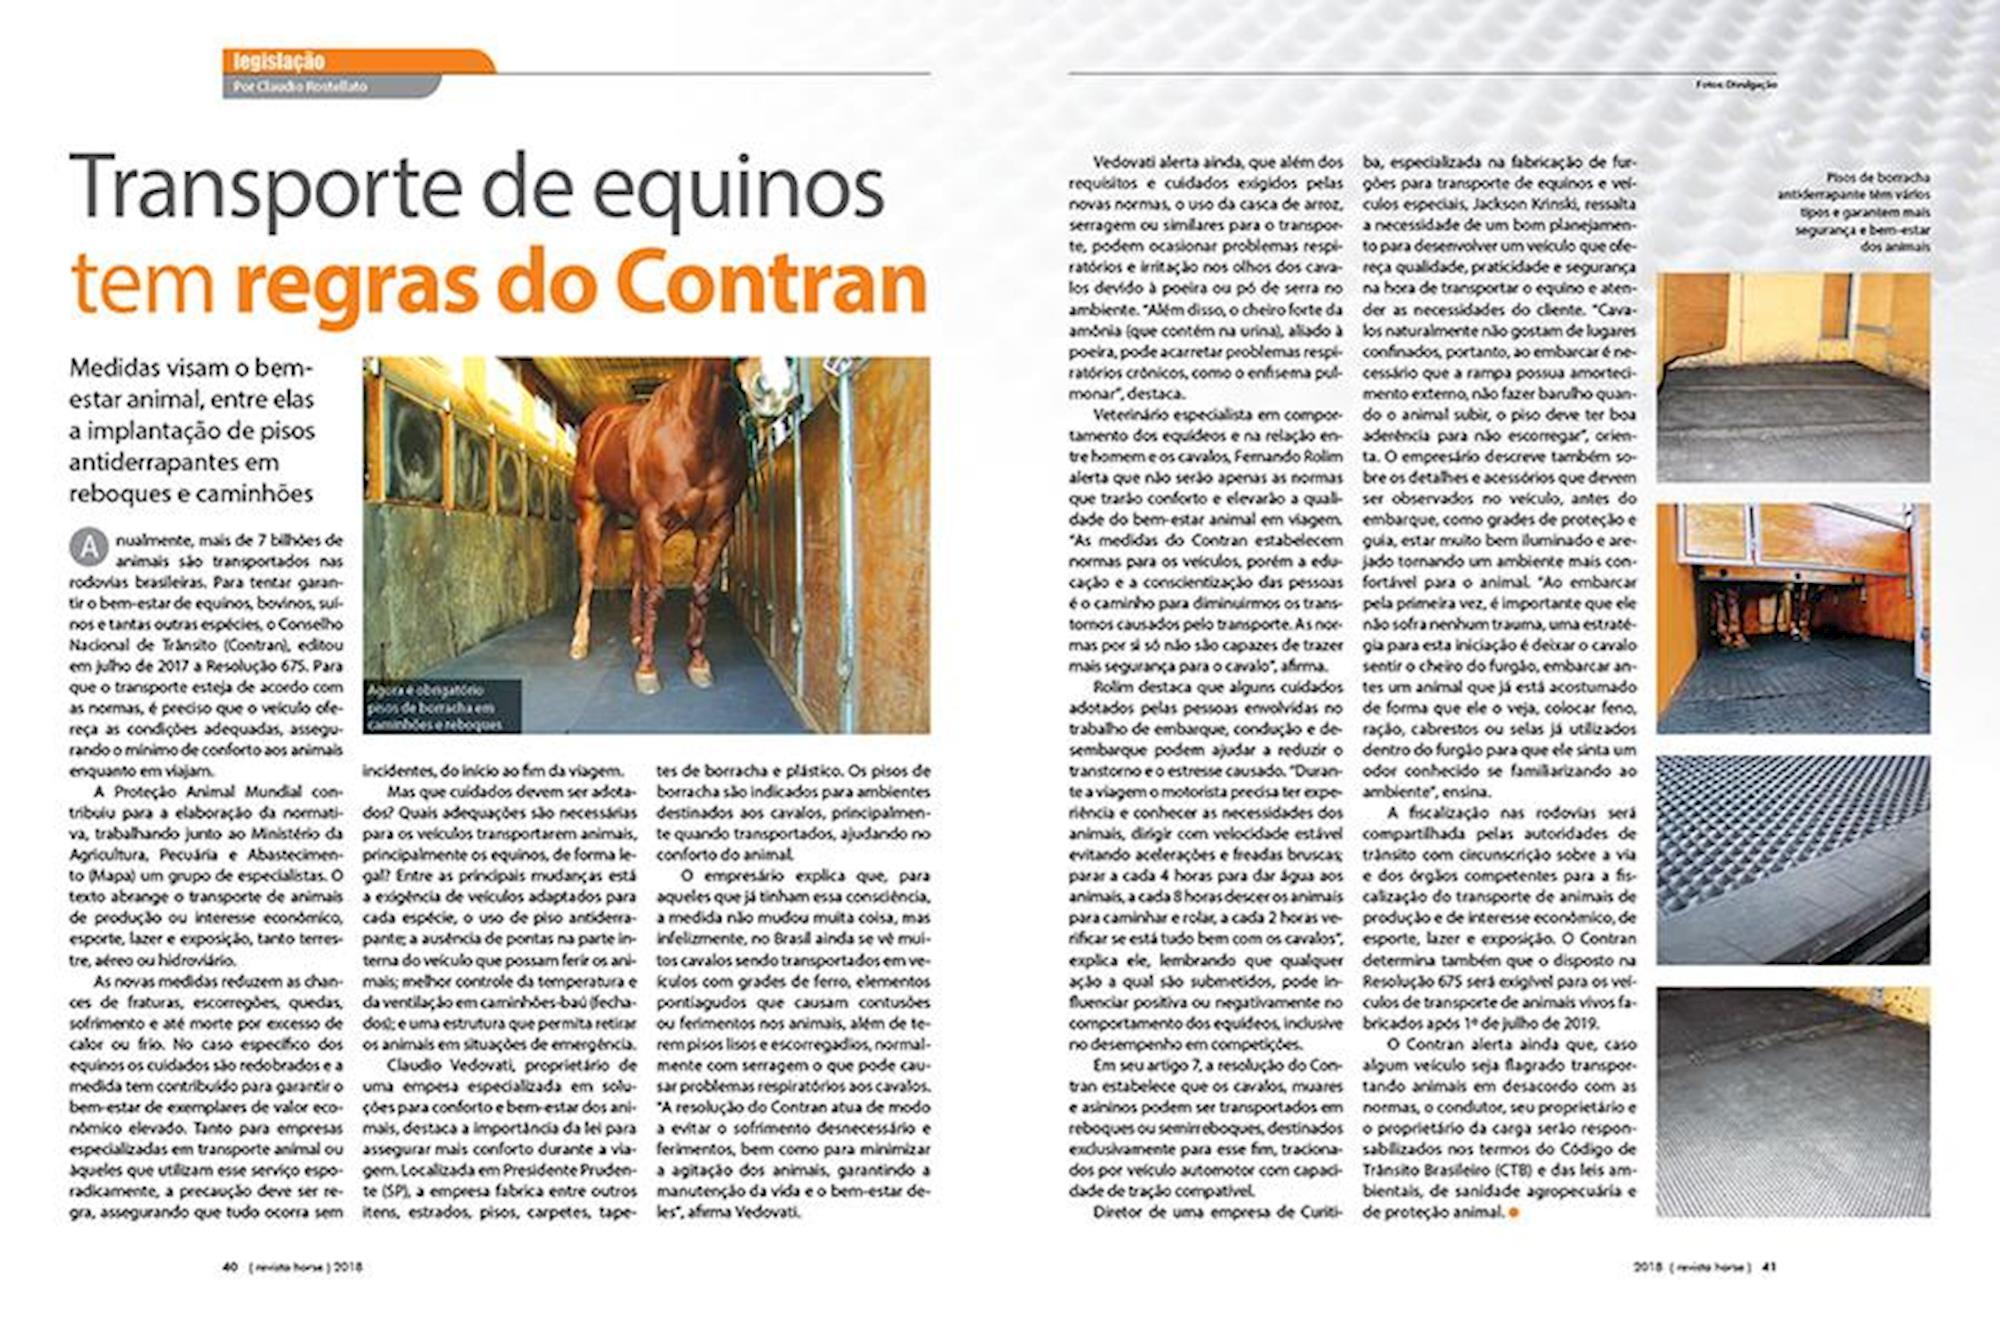 transporte de animais, novas regras, Contran, transporte de cavalos,